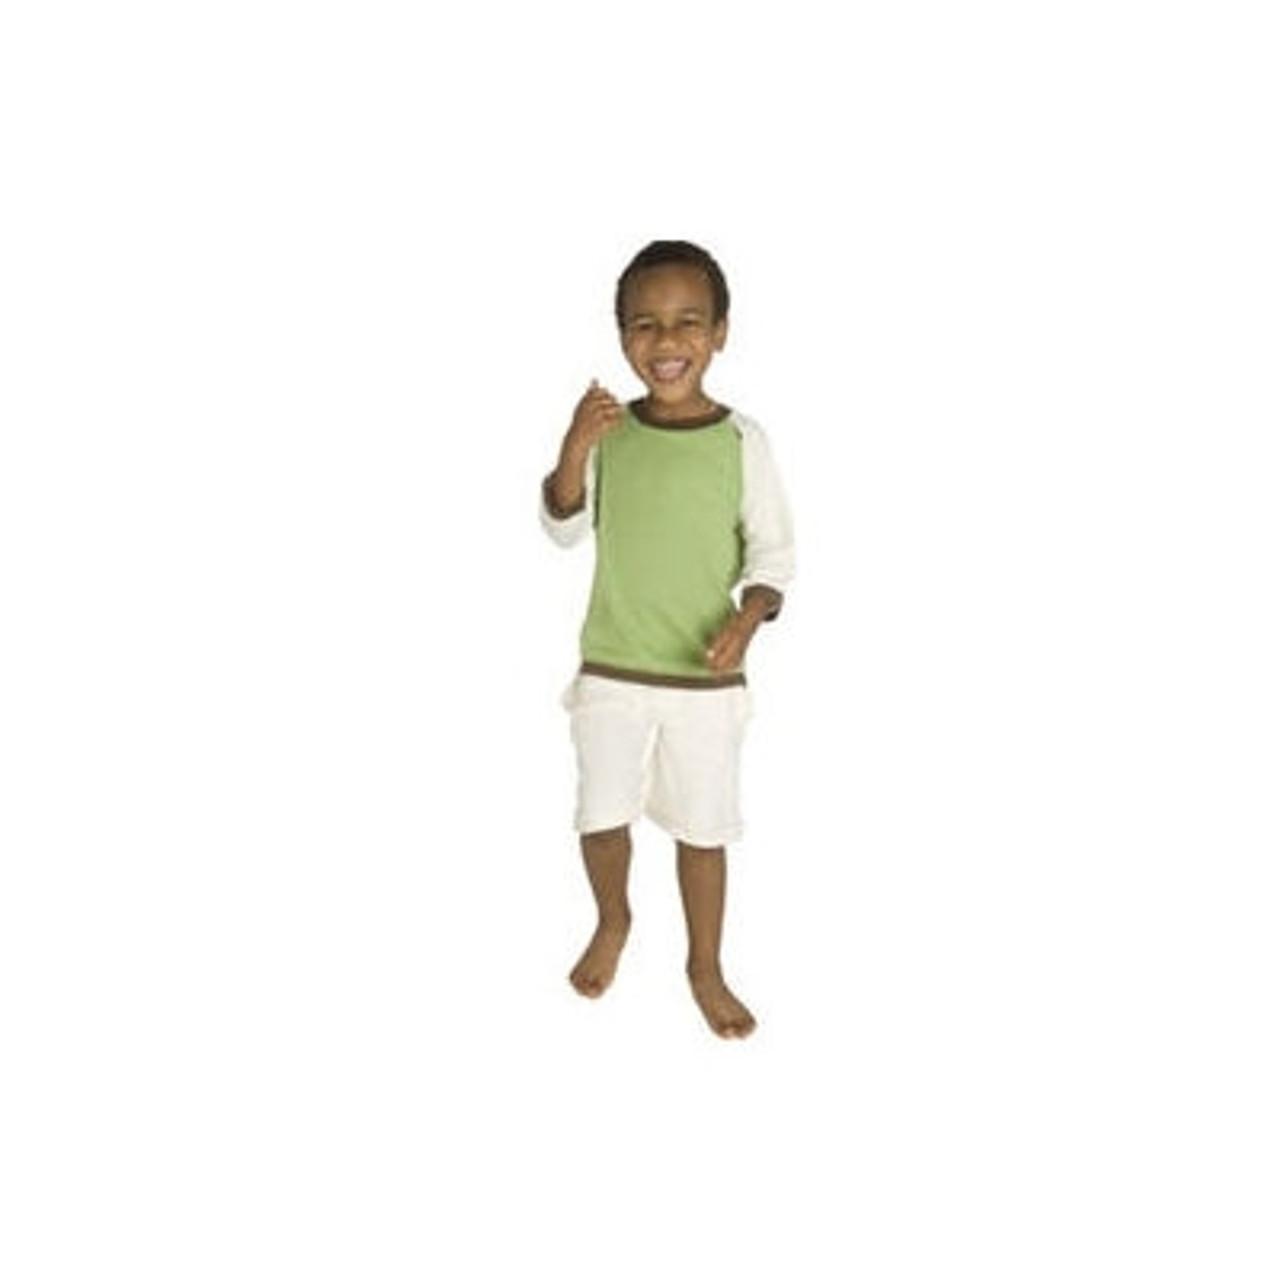 Kate Quinn Organic Kids' Clothes - Green 6t